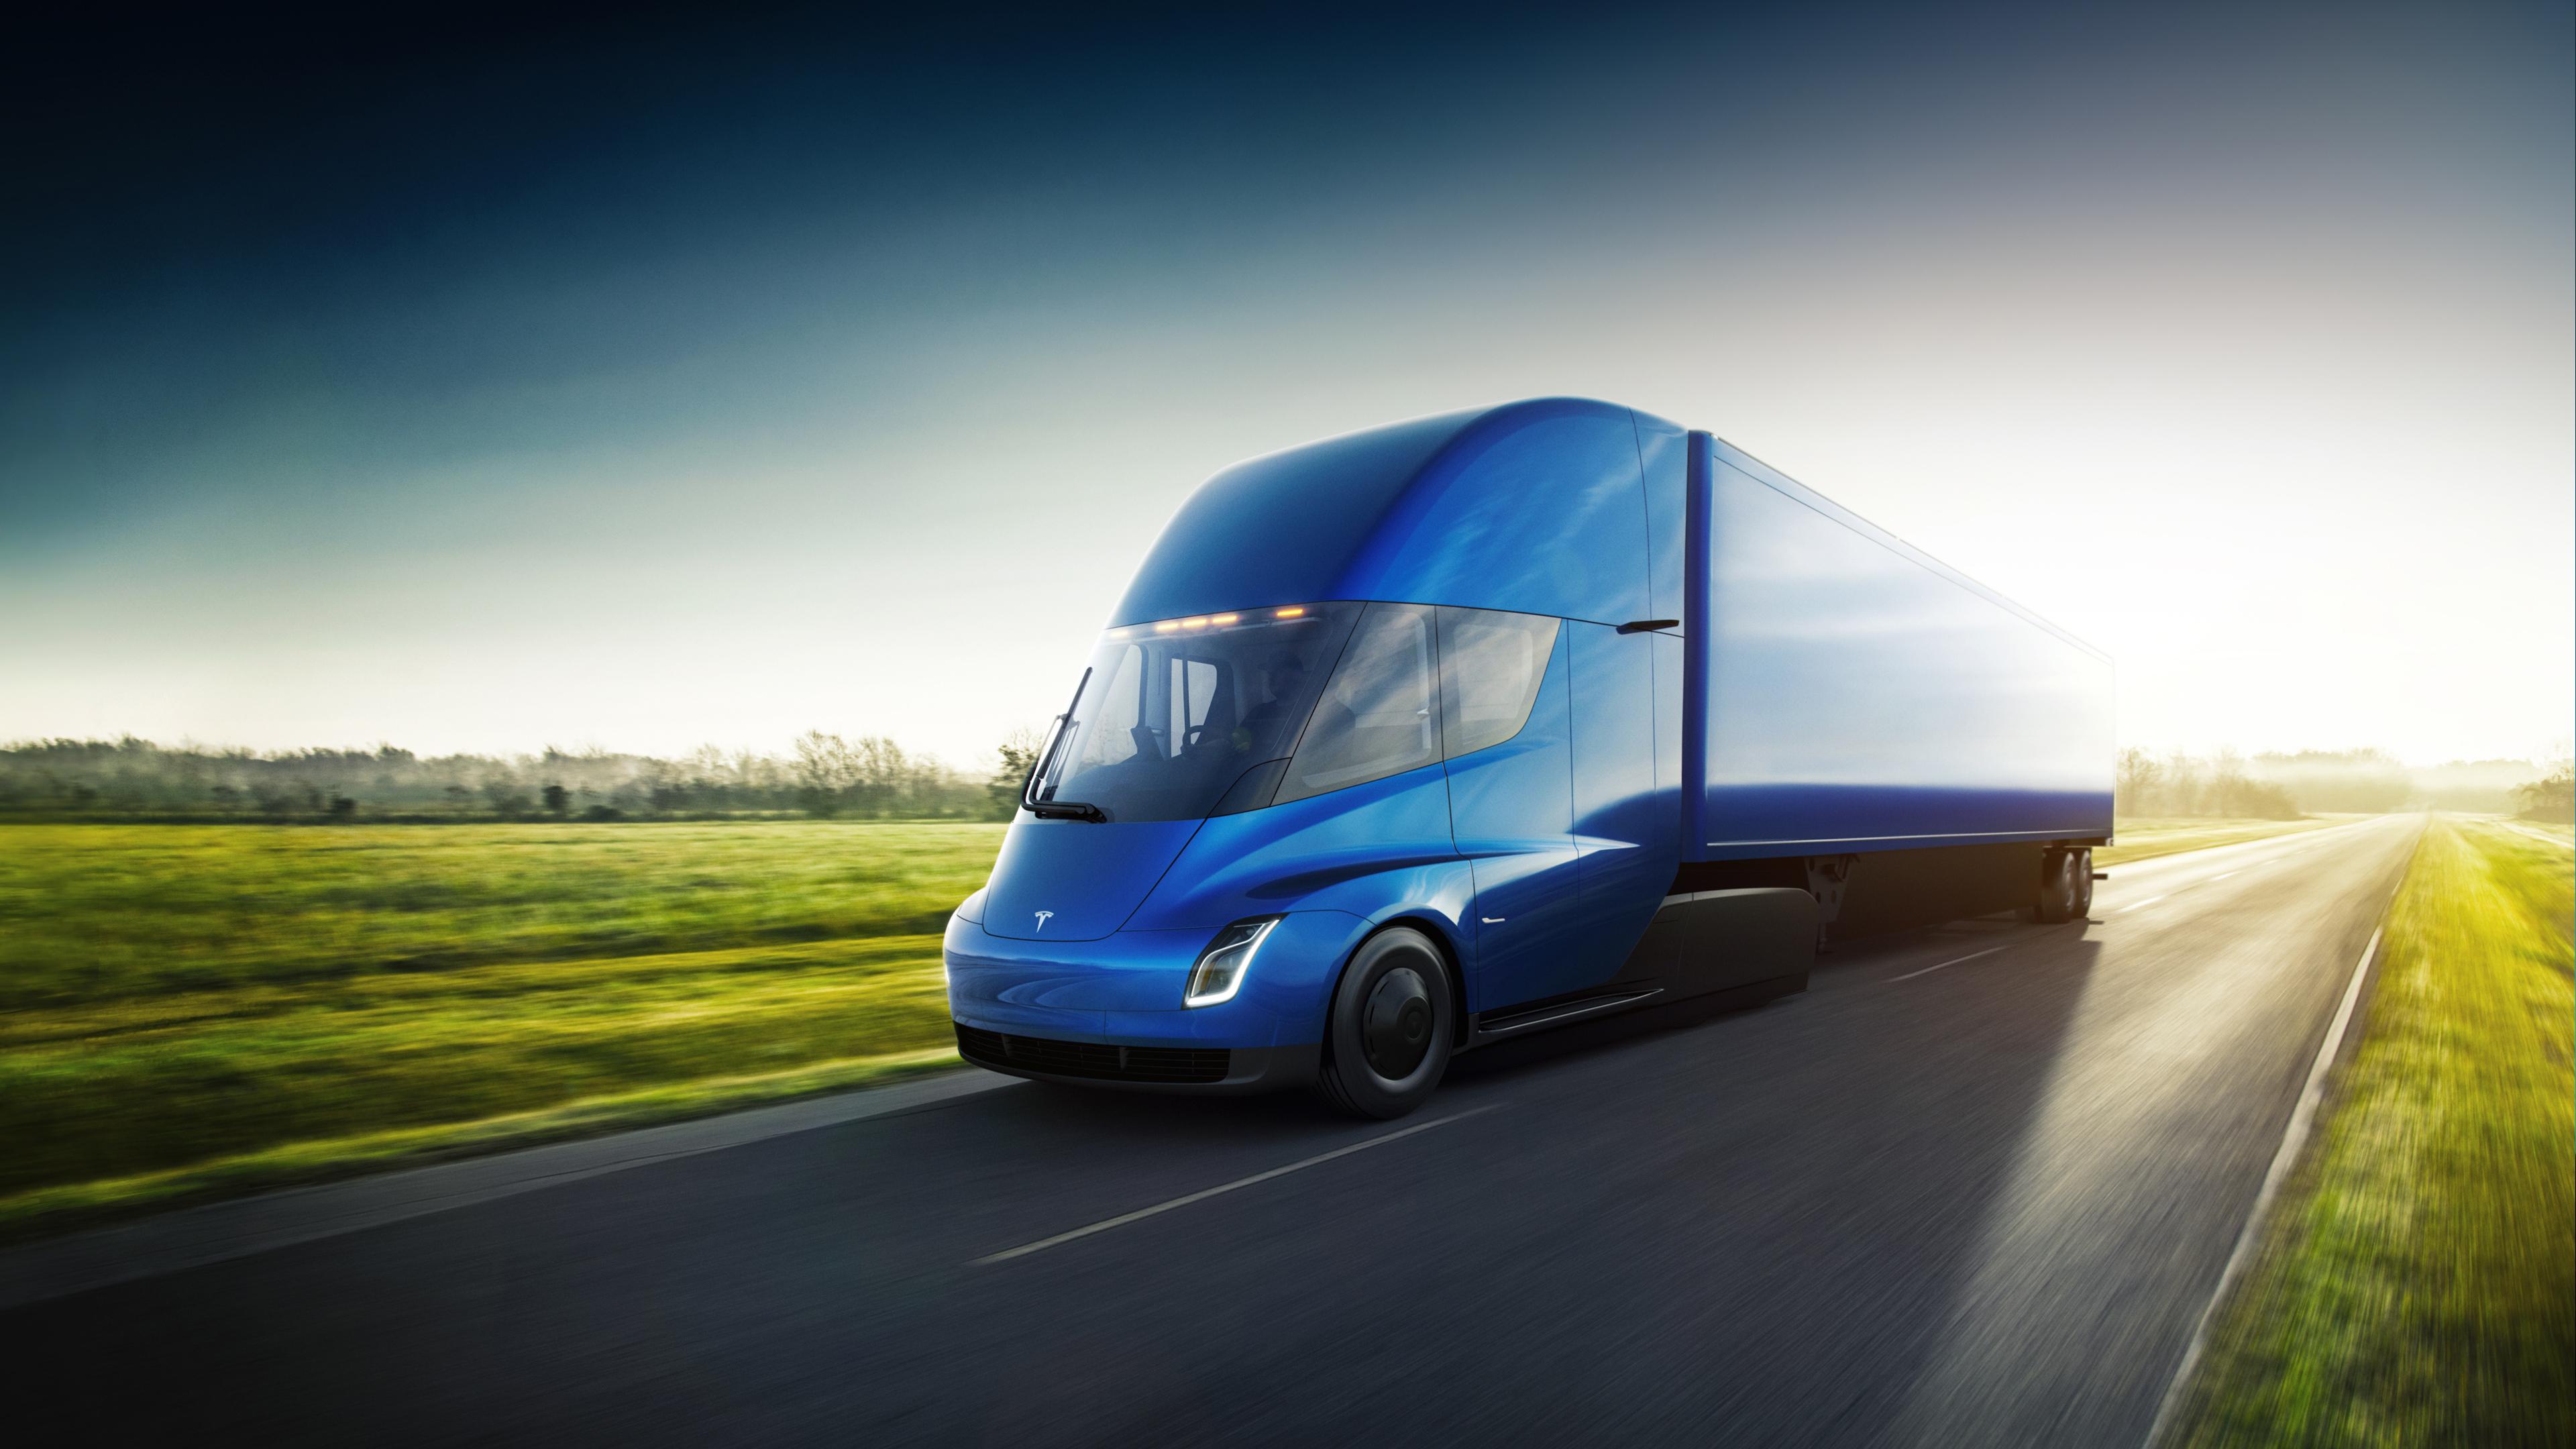 Tesla Semi är den eldrivna tunga lastbilen som ska gå 80 mil på en laddning med 36 tons last.